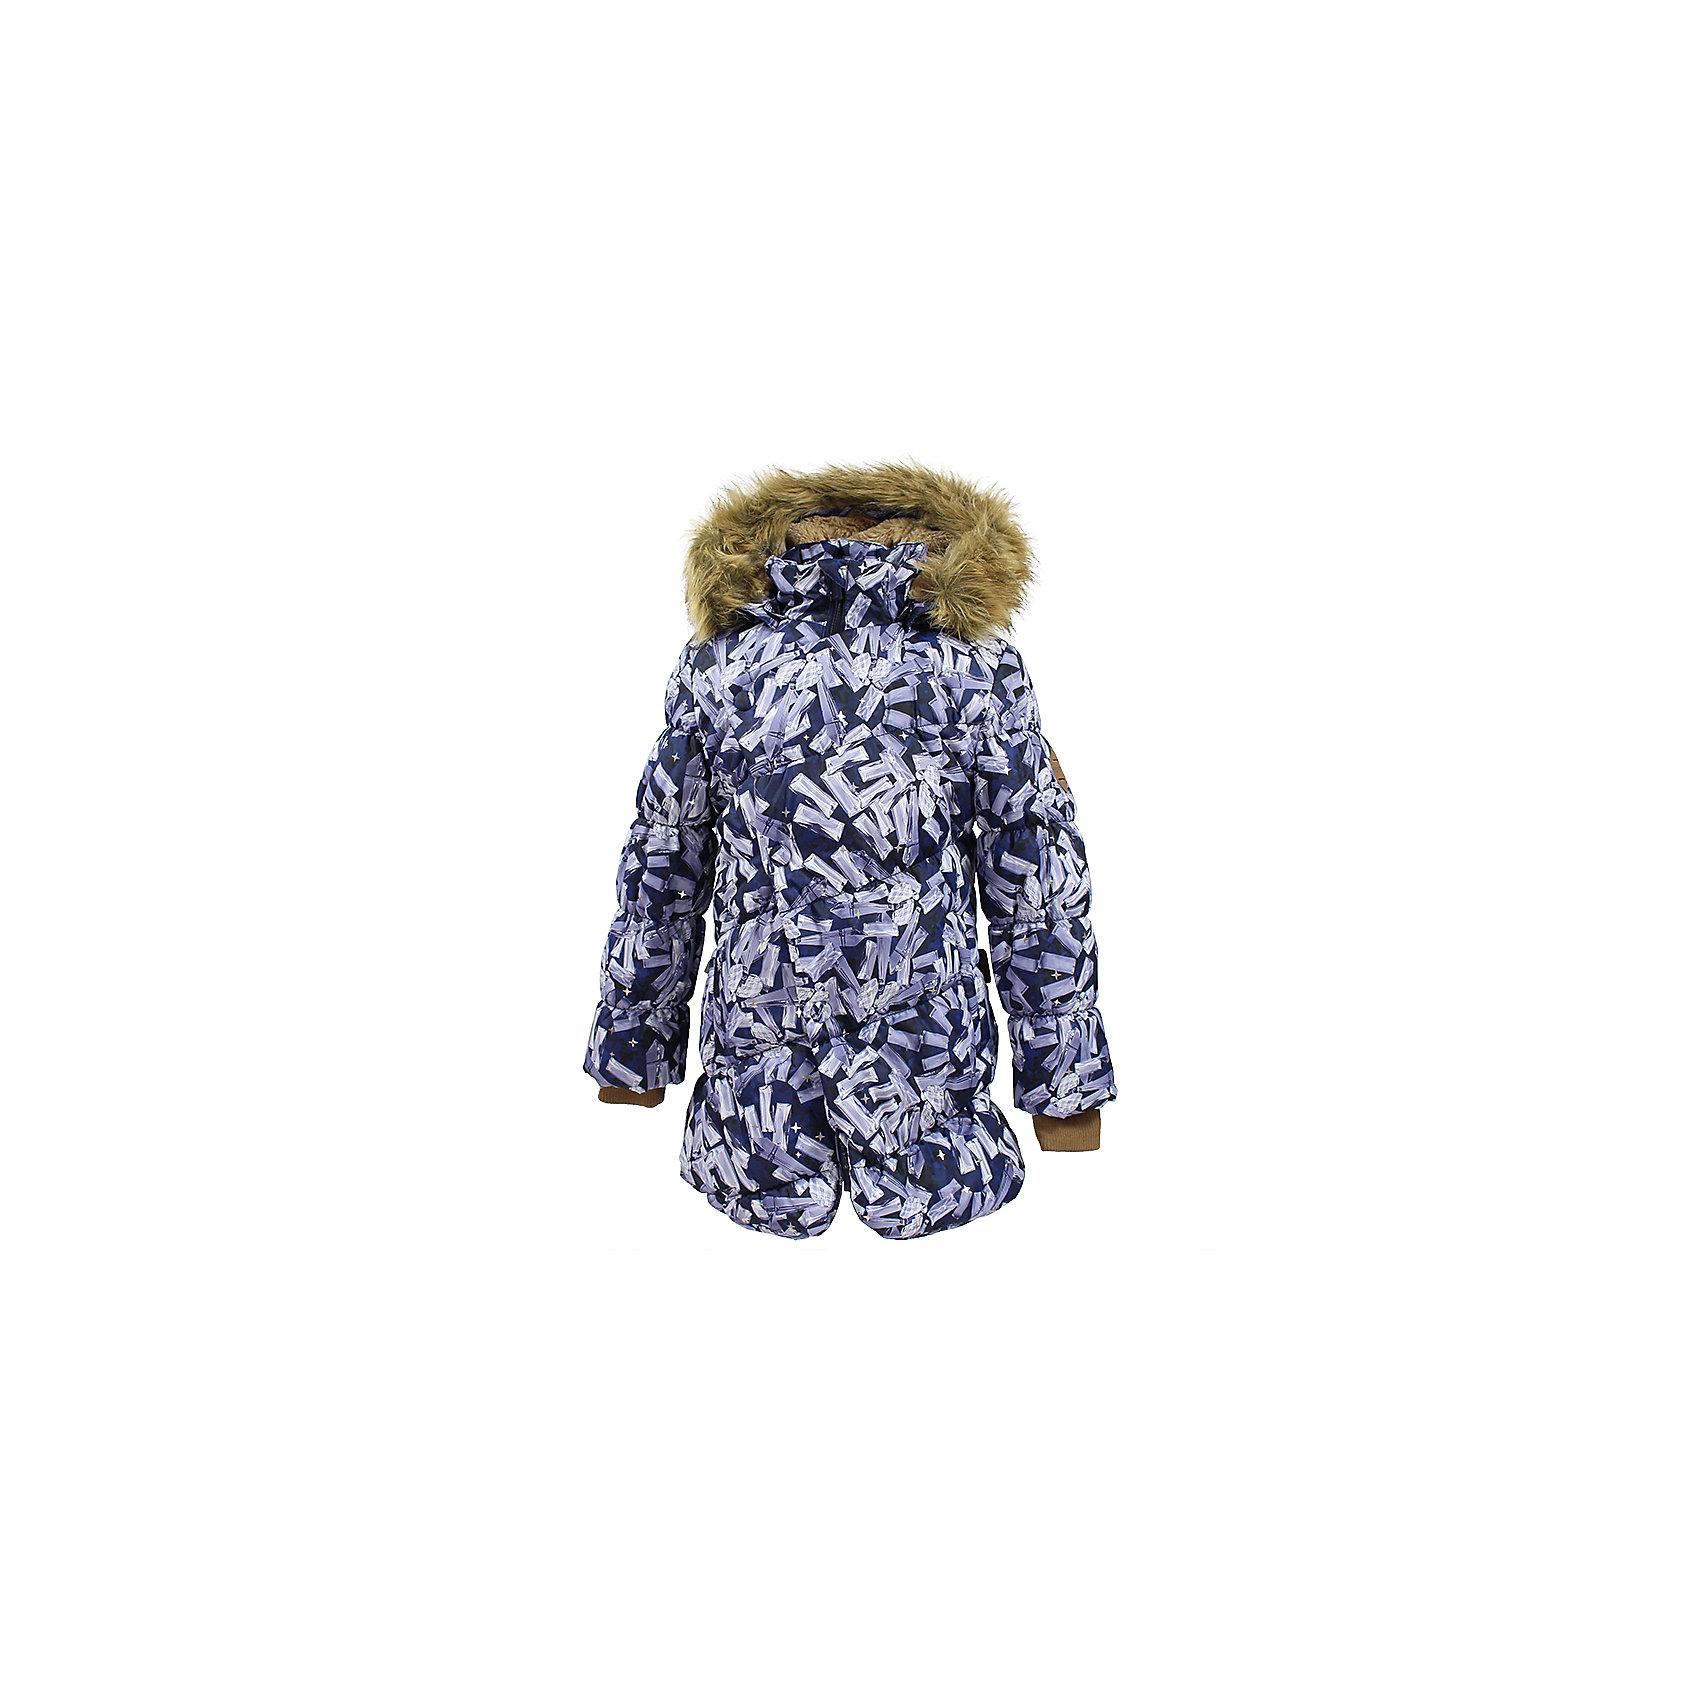 Куртка ROSA Huppa для девочкиВерхняя одежда<br>Характеристики товара:<br><br>• модель: Rosa;<br>• цвет: черный принт;<br>• состав: 100% полиэстер;<br>• утеплитель: полиэстер,300 гр.;<br>• подкладка: Teddy Fur, тафта,полиэстер;<br>• сезон: зима;<br>• температурный режим: от -5 до - 30С;<br>• водонепроницаемость: 5000 мм;<br>• воздухопроницаемость: 5000 г/м2/24ч;<br>• особенности модели: с рисунком,с мехом на капюшоне;<br>• защитная планка молнии на кнопках;<br>• защита подбородка от защемления;<br>• мягкая меховая подкладка;<br>• капюшон отстегивается;<br>• искусственный мех на капюшоне съемный;<br>• два врезных кармана на молнии;<br>• светоотражающие элементы для безопасности ребенка;<br>• трикотажные манжеты; <br>• страна бренда: Финляндия;<br>• страна изготовитель: Эстония.<br><br>Куртка Rosa  для девочки изготовлена из водо и ветронепроницаемого, грязеотталкивающего материала. В куртке Rosa  300 грамм утеплителя, которые обеспечат тепло и комфорт ребенку при температуре от -5 до -30 градусов.Подкладка —Teddy Fur,тафта.<br><br>Функциональные элементы: капюшон отстегивается с помощью кнопок, мех отстегивается, защитная планка молнии на кнопках, защита подбородка от защемления, мягкая меховая подкладка, карманы на молнии, трикотажные манжеты, светоотражающие элементы. <br><br>Куртку Rosa для девочки бренда HUPPA  можно купить в нашем интернет-магазине.<br><br>Ширина мм: 356<br>Глубина мм: 10<br>Высота мм: 245<br>Вес г: 519<br>Цвет: черный<br>Возраст от месяцев: 144<br>Возраст до месяцев: 156<br>Пол: Женский<br>Возраст: Детский<br>Размер: 158,98,104,110,116,122,128,134,140,146,152<br>SKU: 7024946